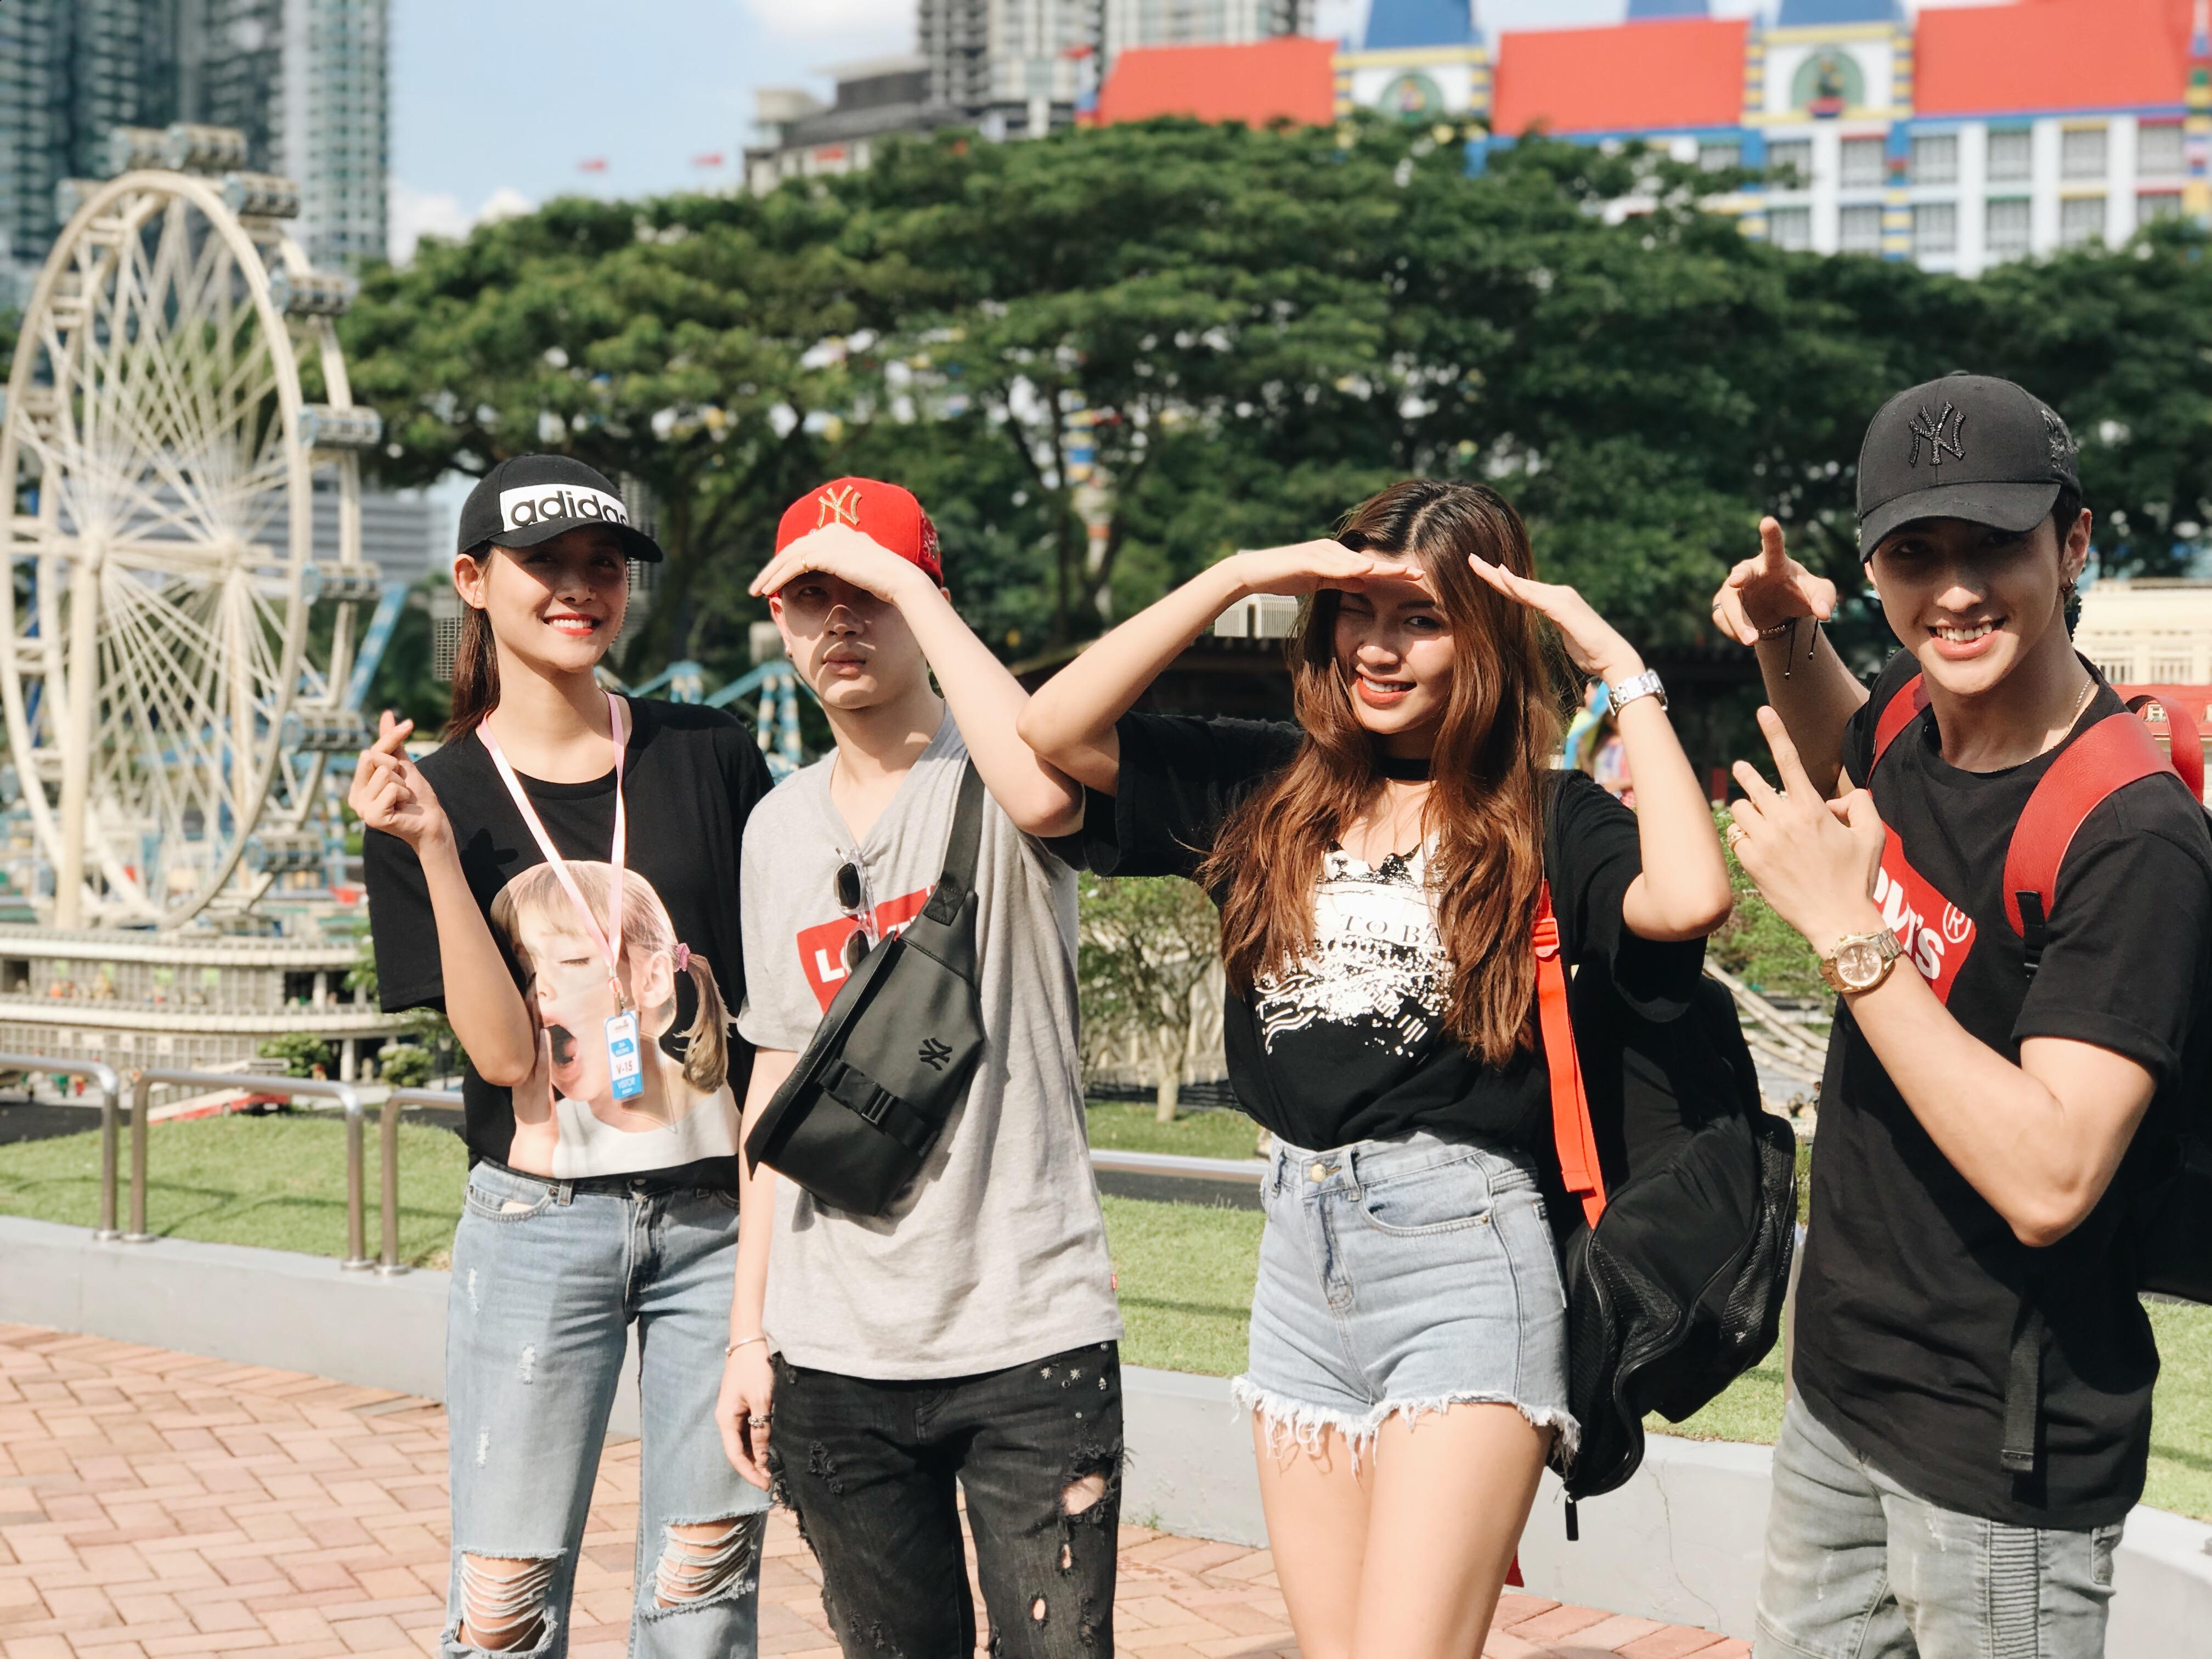 Trương Mỹ Nhân, Phí Ngọc Hưng đối đầu Đồng Ánh Quỳnh, Bình An trong chương trình du lịch tương tác tại Malaysia - Ảnh 3.